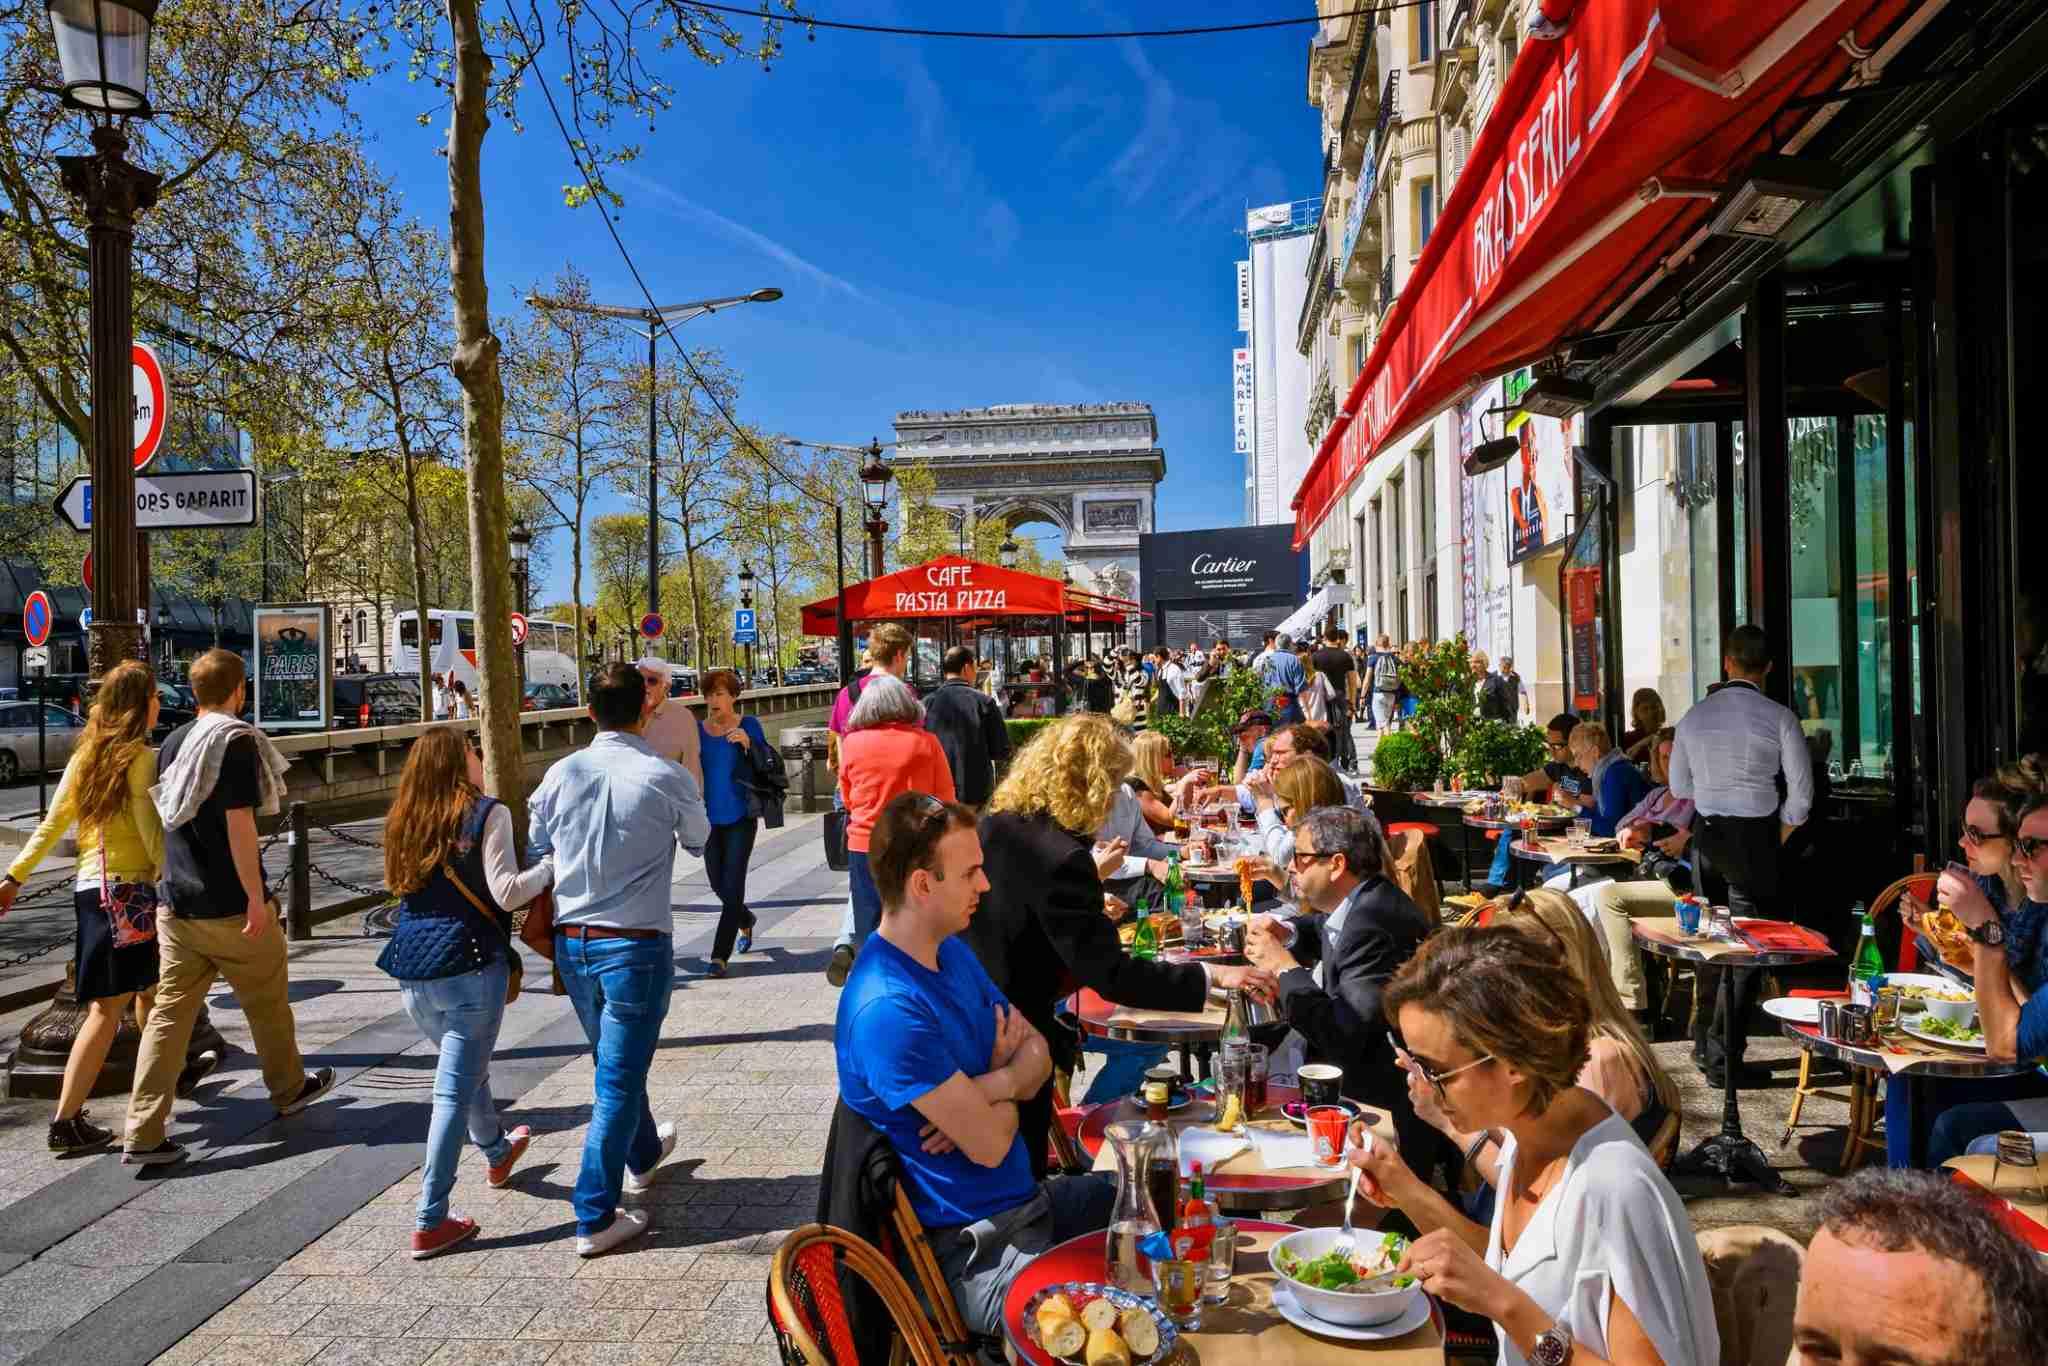 Cafe-Restaurant in Avenue des Champs Elysees. Arc de Triomphe, Paris, France